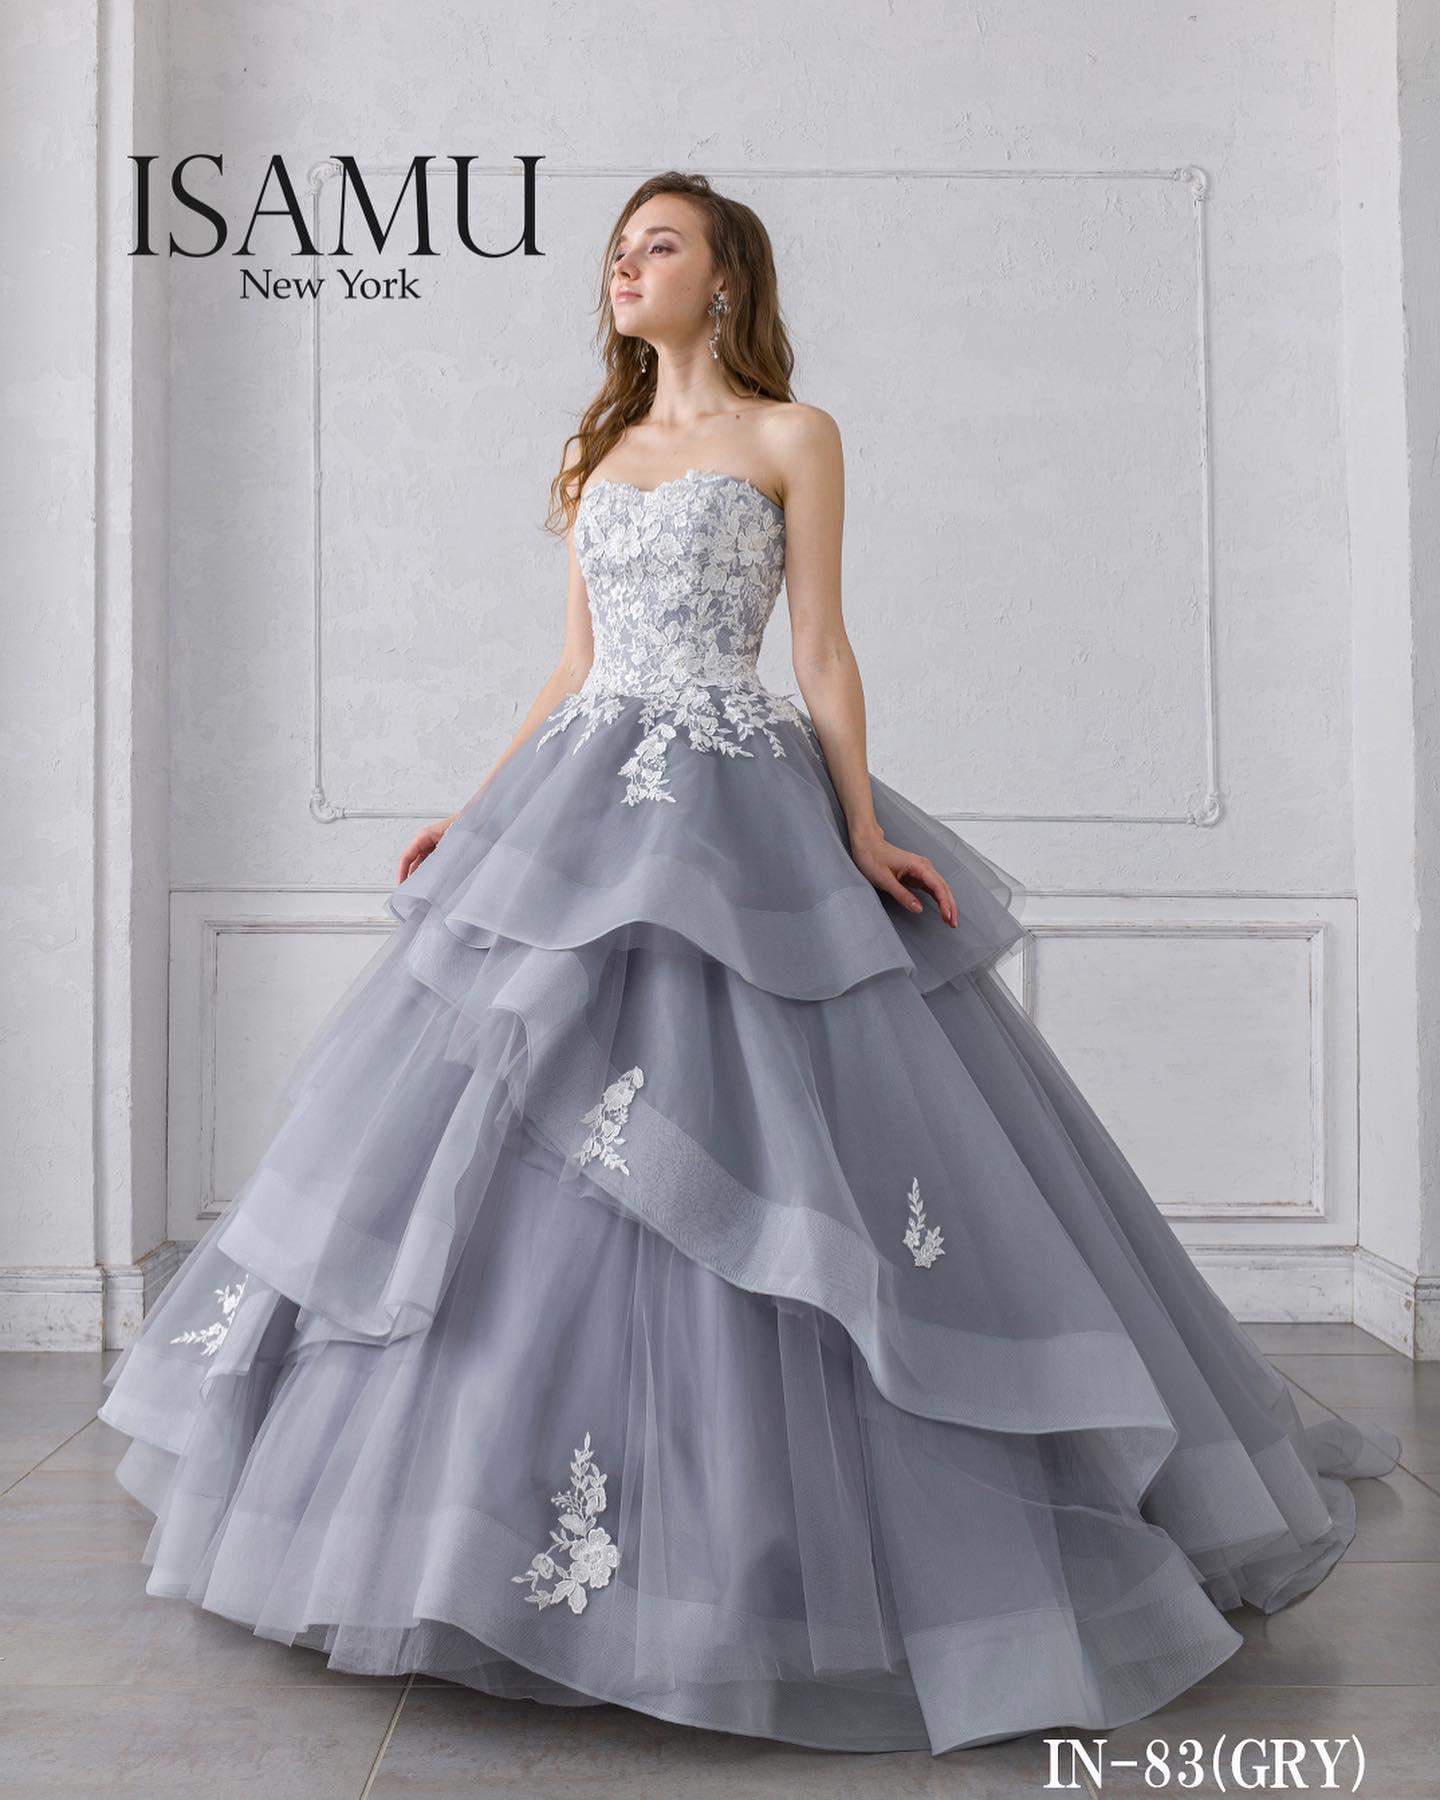 """今日は大人気の""""ISAMU MORITA(イサムモリタ)""""のカラードレスをご紹介・ボリューム感のあるラッフルスカートとアッシュカラーの柔らかな質感が、ブライダルシーンを華やかに演出してくれる一着🤍・繊細で上質なレースがシンプルなドレスに彩りを添えてくれます・ご試着いかがでしょうか・カラードレス 【ISAMU MORITA】CD0362IN-83レンタル価格:¥220,000・#wedding #weddingdress #bridalhiro #kiyokohata #isamumorita#ウェディングドレス #プレ花嫁 #ドレス試着 #2021冬婚 #ヘアメイク #結婚式  #ドレス選び #前撮り #後撮り #フォトウェディング #ウェディングヘア  #フォト婚 #前撮り写真 #ブライダルフォト #カップルフォト #ウェディングドレス探し #ウェディングドレス試着 #レンタルドレス #ドレスショップ #家族婚 #ブライダルヒロ #ゼクシィ #プリンセスライン #ドレス迷子 #イサムモリタ"""